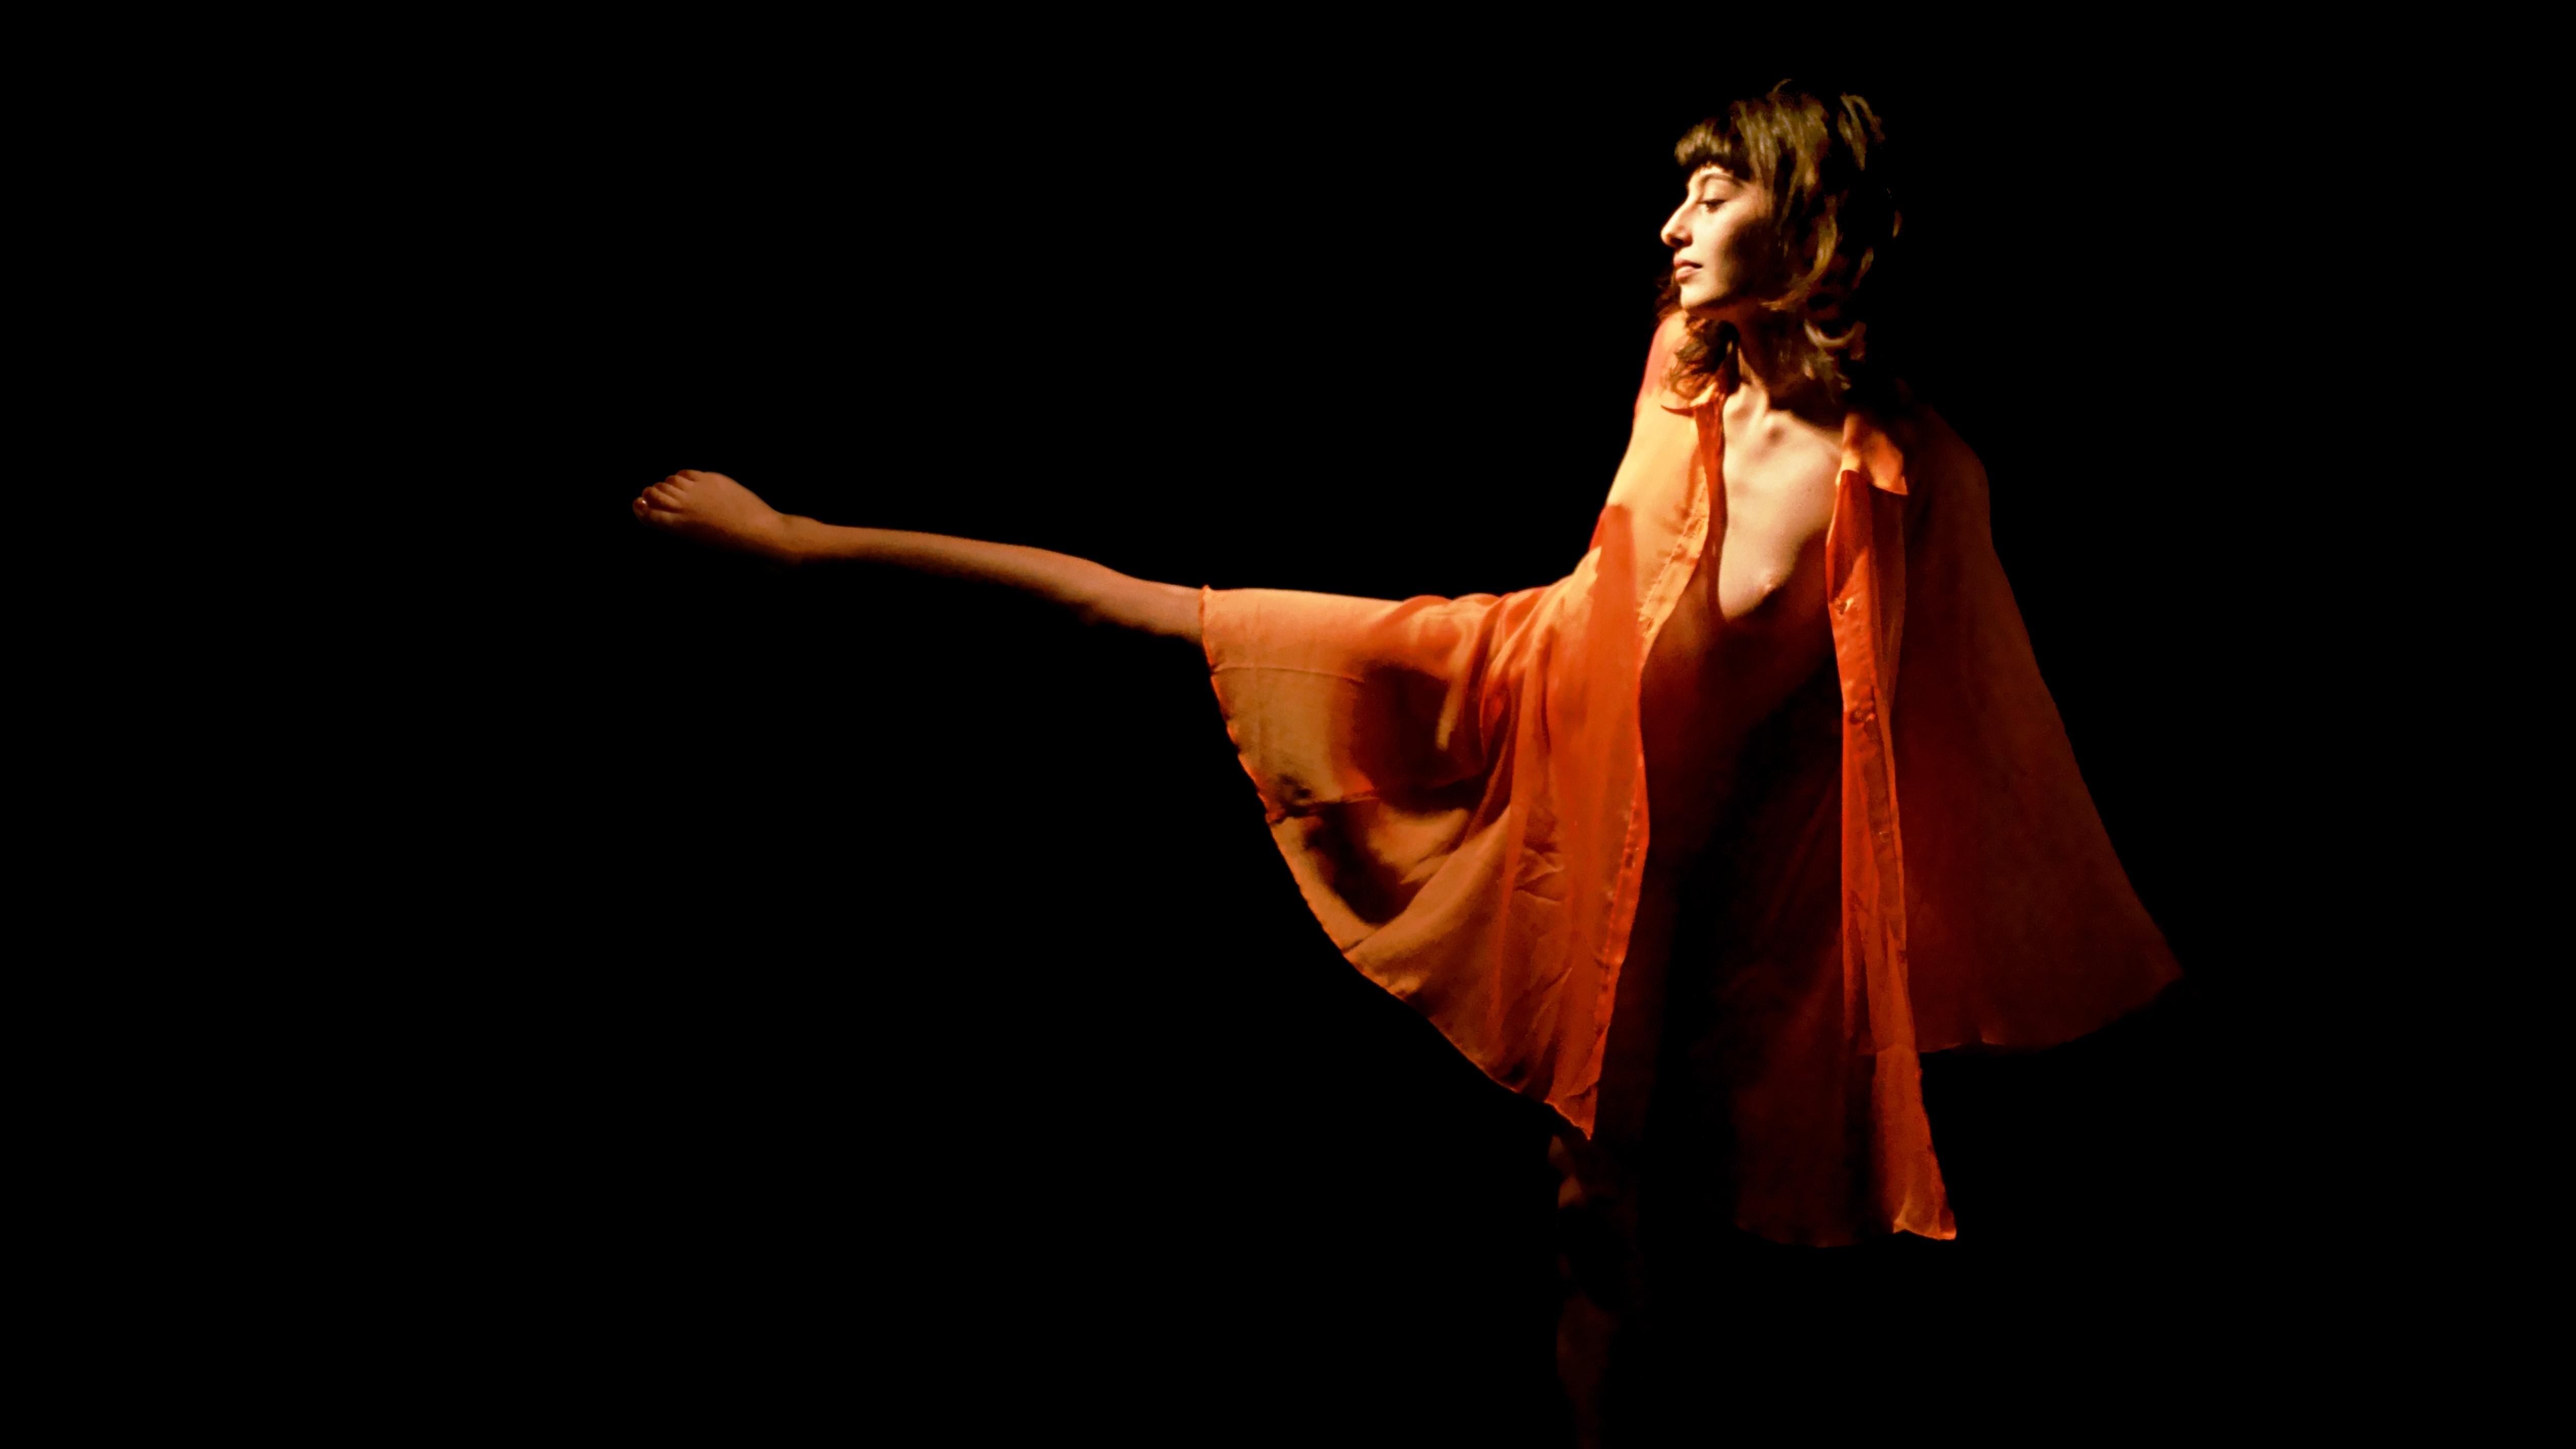 Maeva, nue sous une tunique orange transparente, danse. Sa jambe tendue sur le côté fait penser à une aiguille d'horloge enveloppée dans une cape orange.